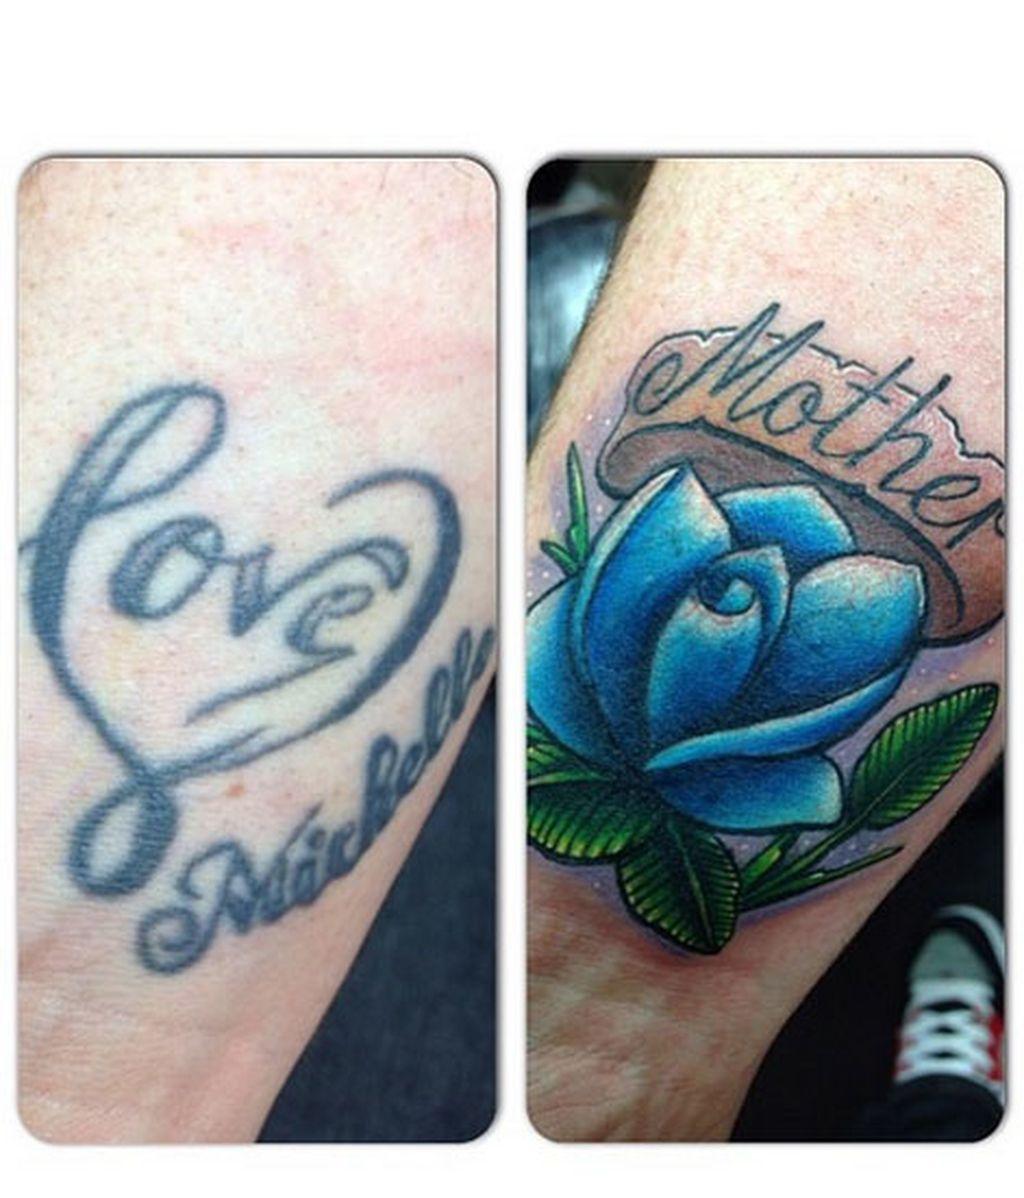 Cómo disimular el tatuaje cuando tu amor se convierte en tu ex